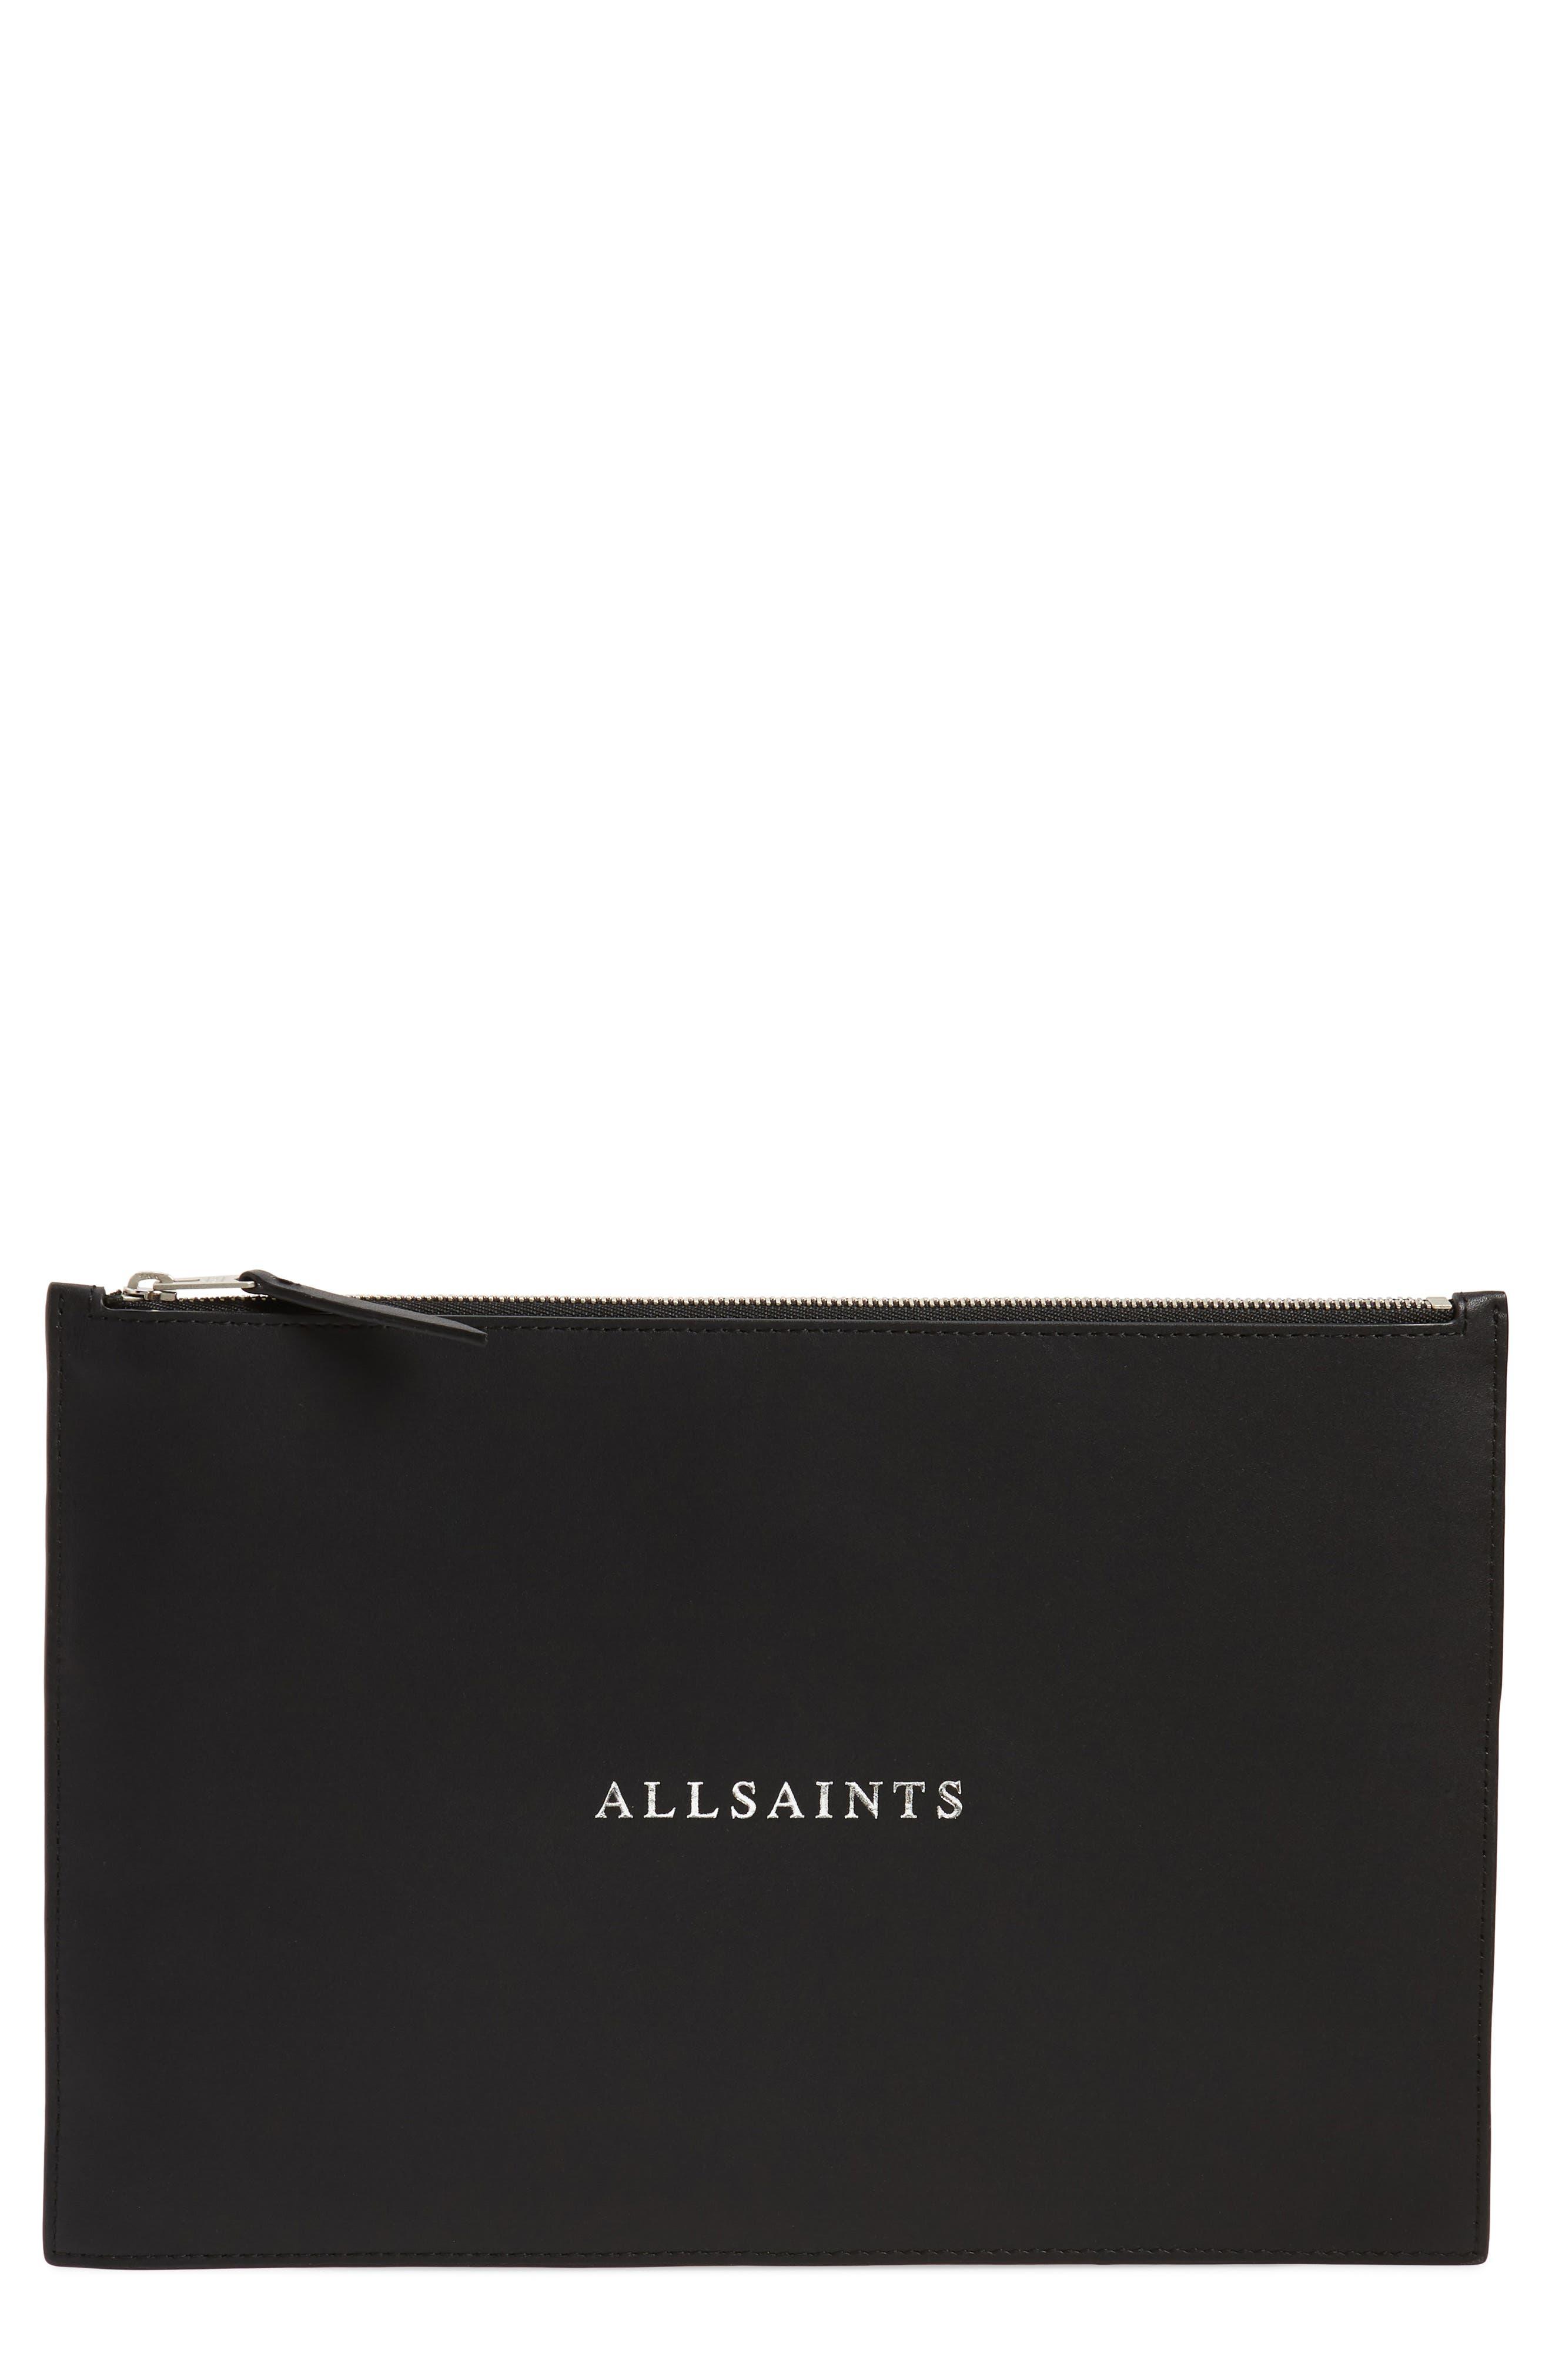 ALLSAINTS, Clip Leather Clutch, Main thumbnail 1, color, BLACK